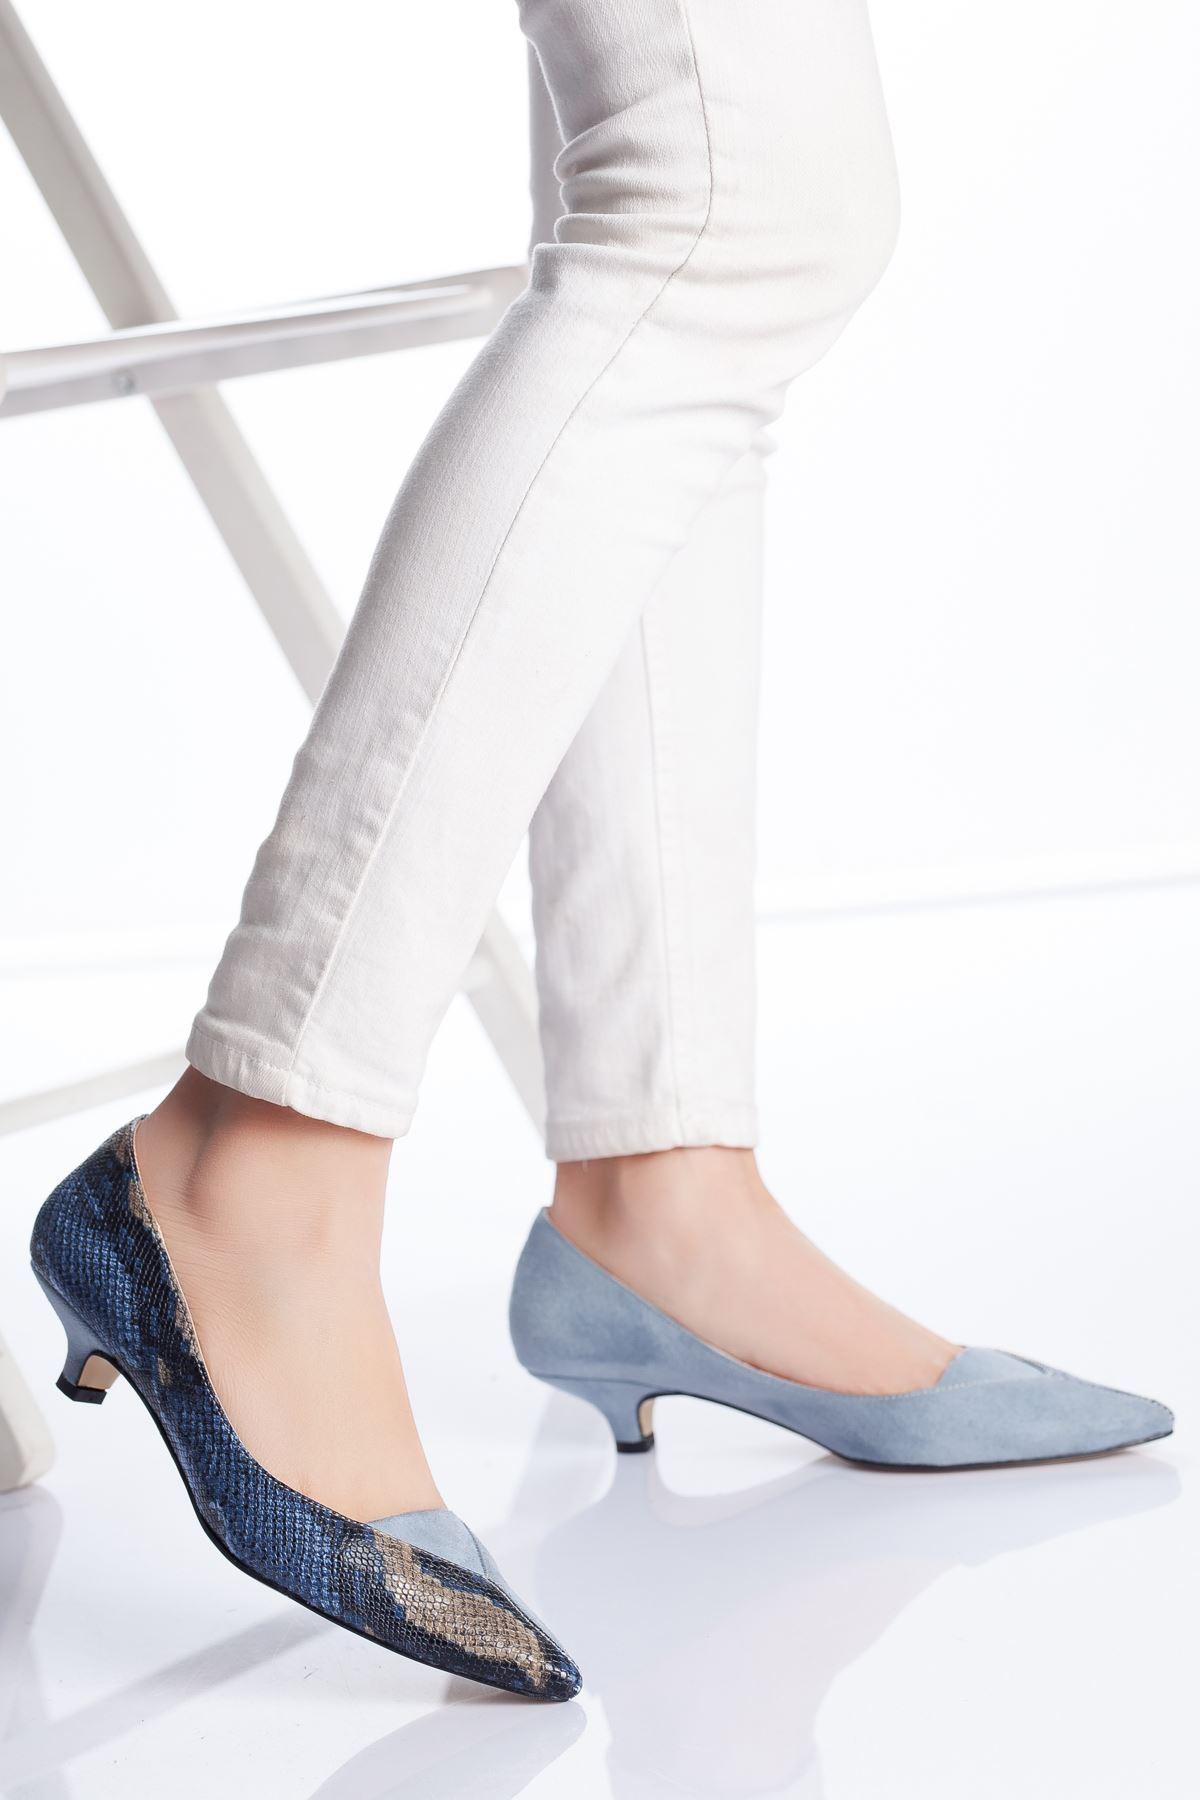 Limsi Kısa Topuklu Sivri Burun Ayakkabı MAVİ-YILAN